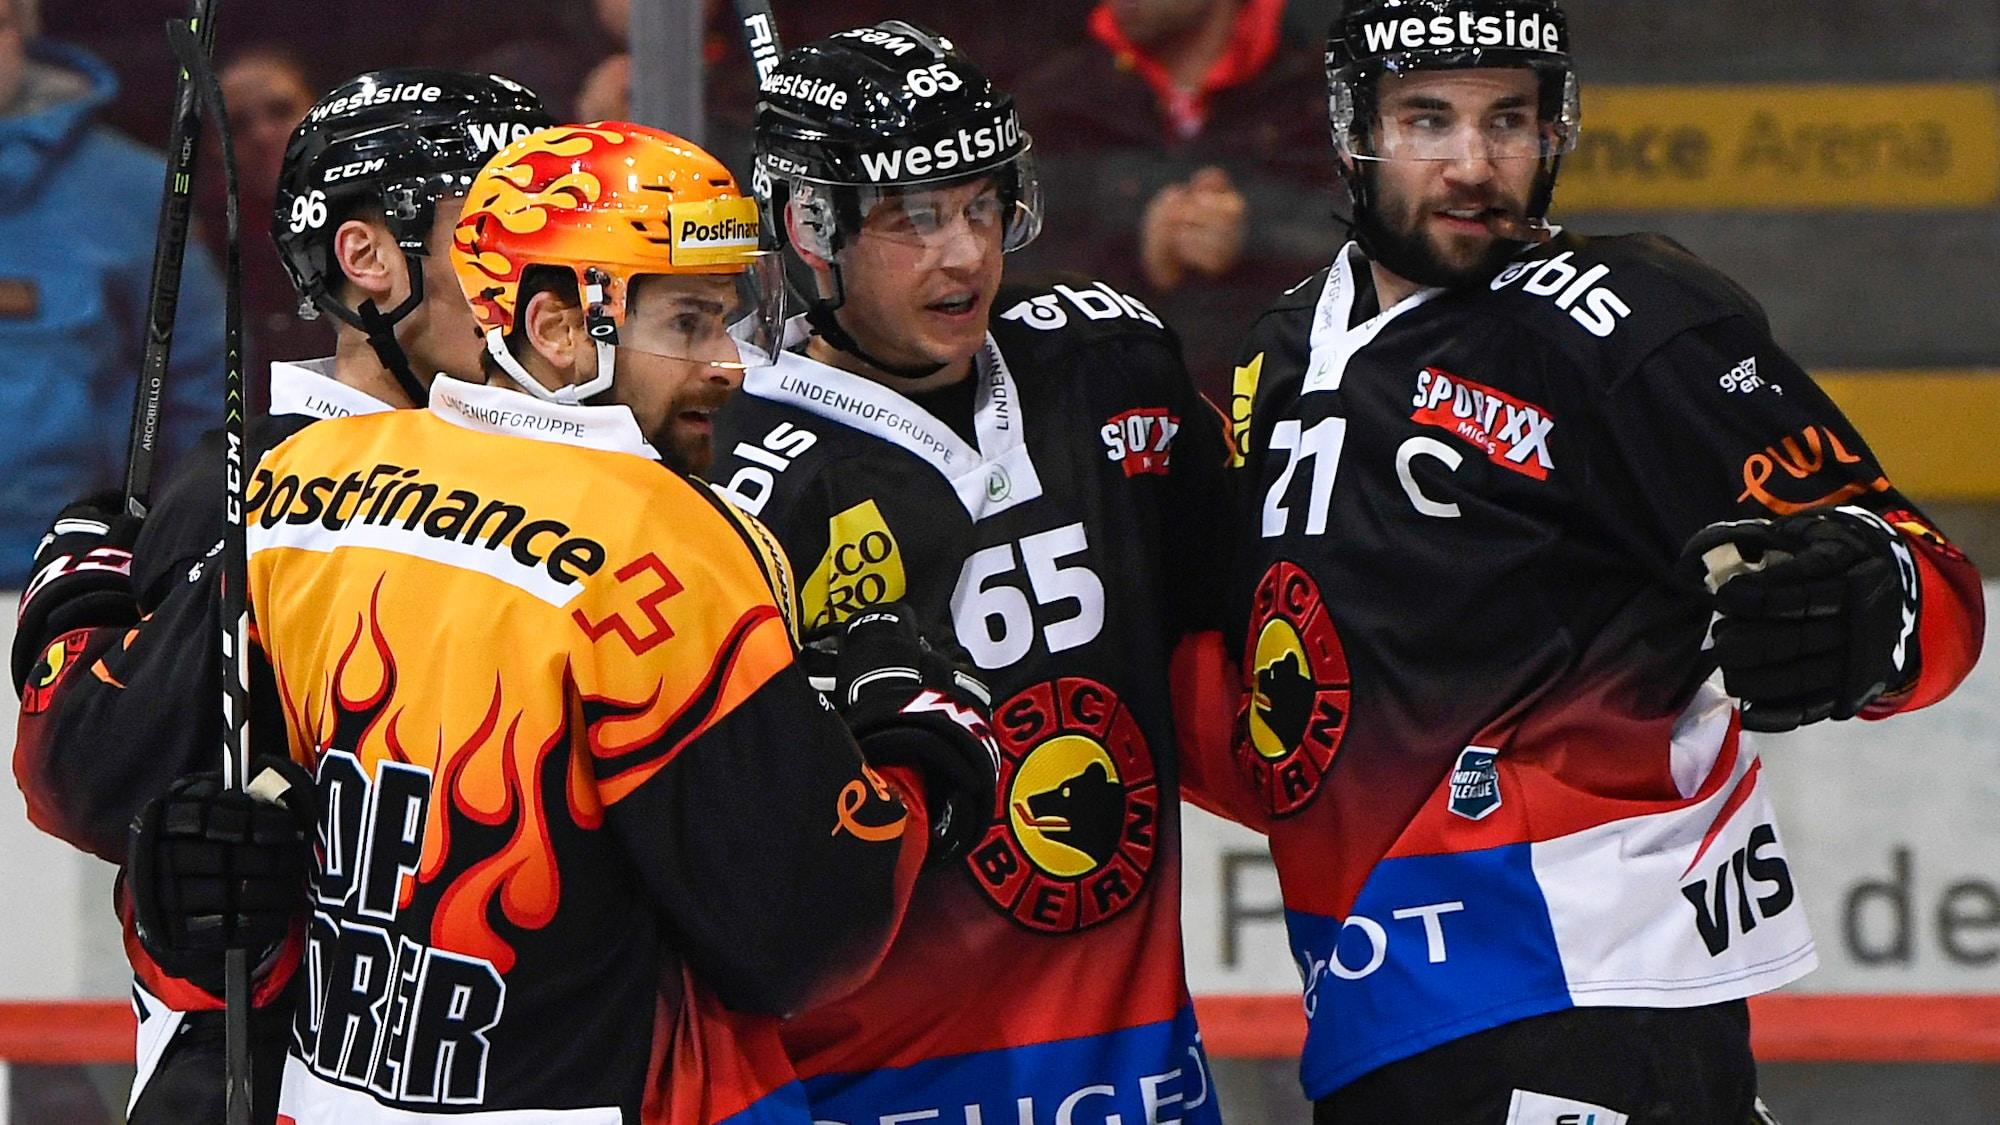 Sieg gegen Fribourg: SCB zweimal im Powerplay erfolgreich